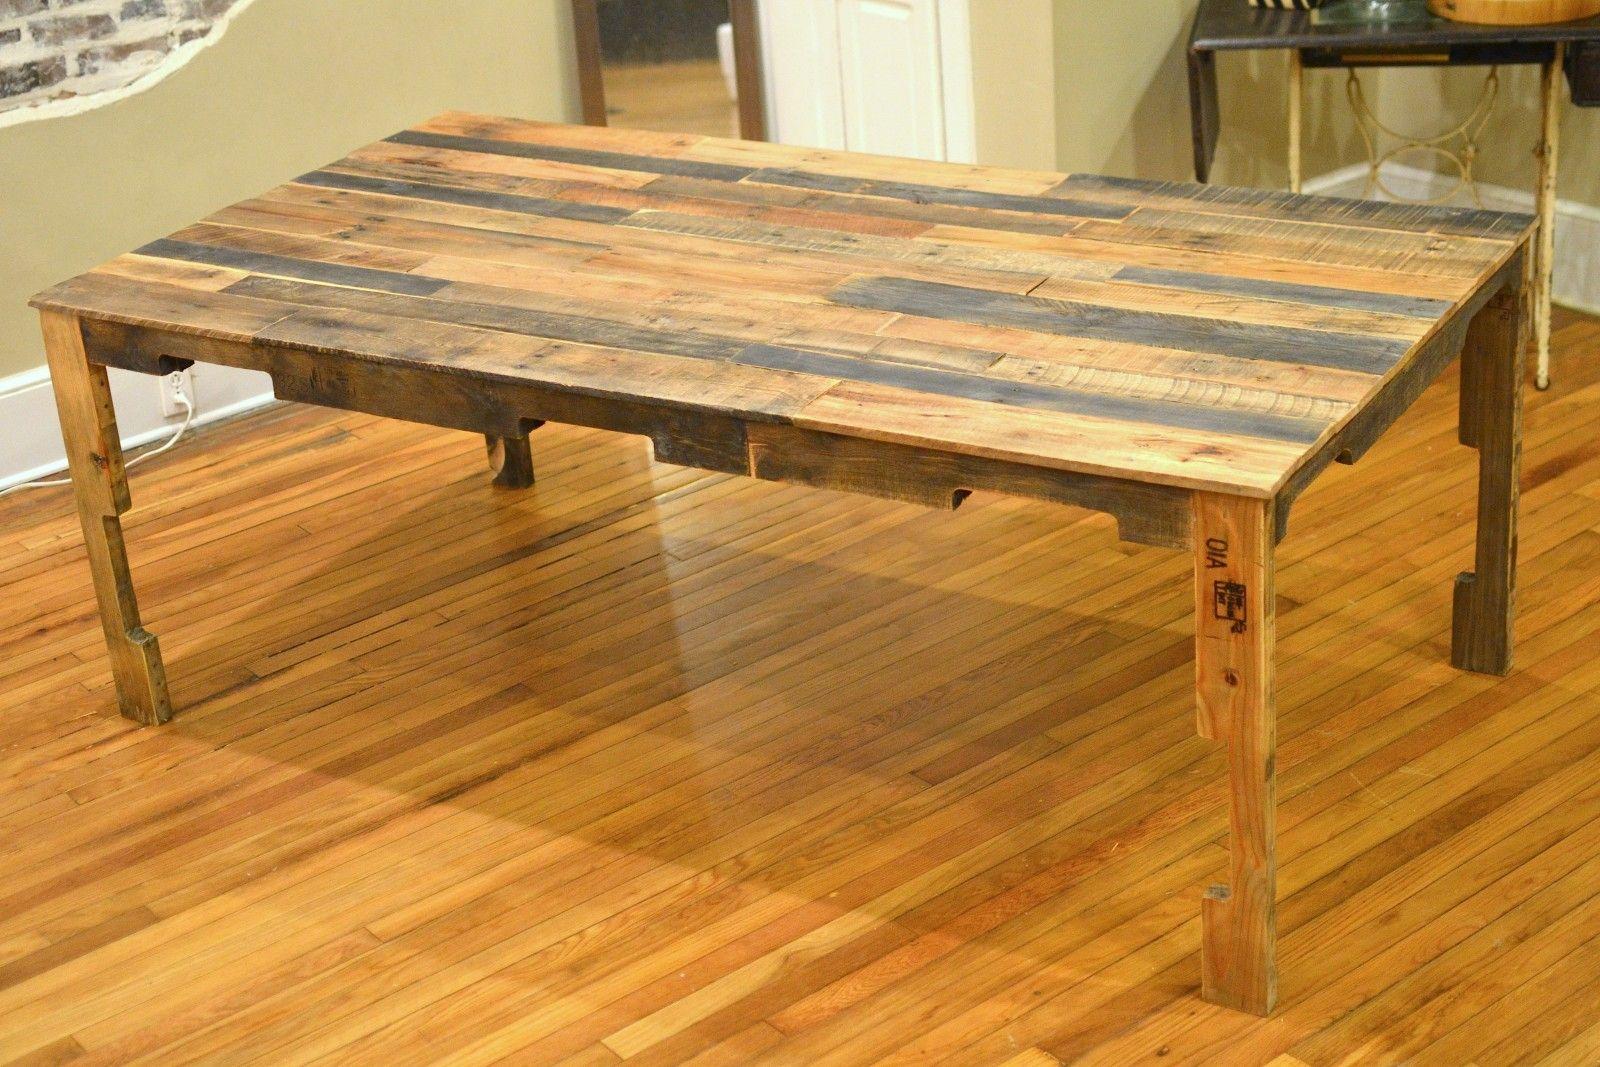 os enseamos como poder construir esta estupenda mesa de cocina fabricada con palets de madera reciclada - Mesa Con Palets